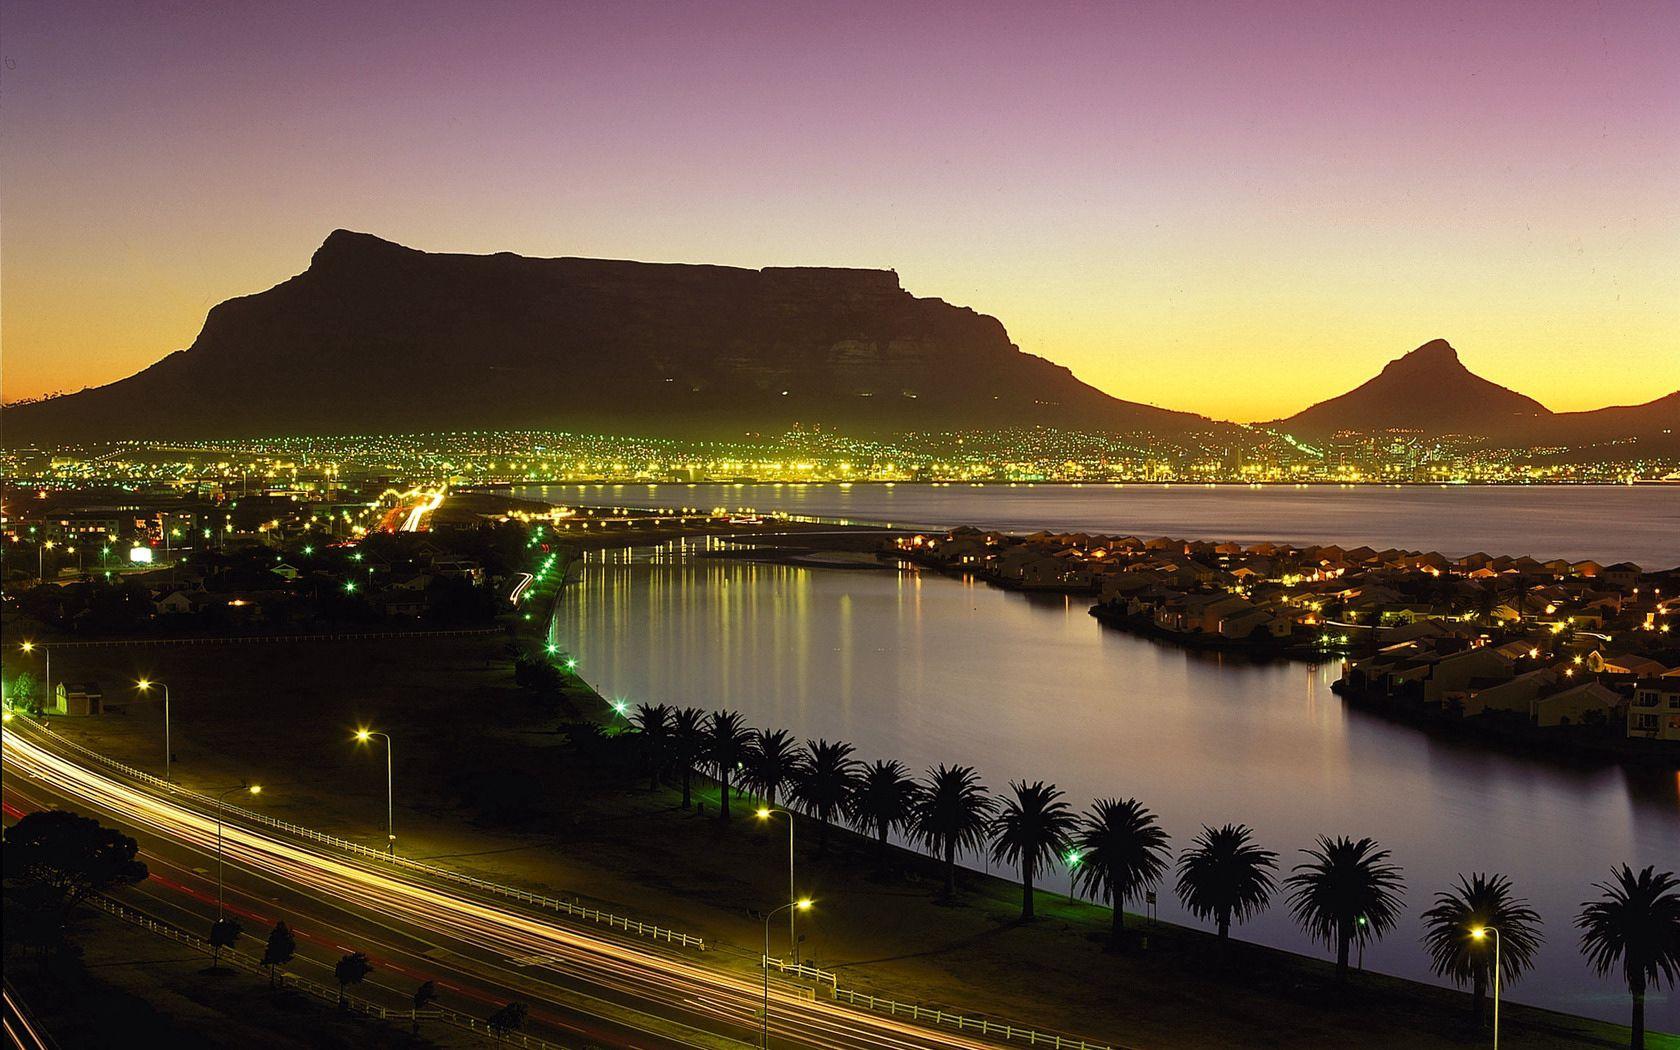 104565 Заставки и Обои Города на телефон. Скачать Кейптаун, Юар, Ночь, Огни, Берег, Города, Пальмы картинки бесплатно